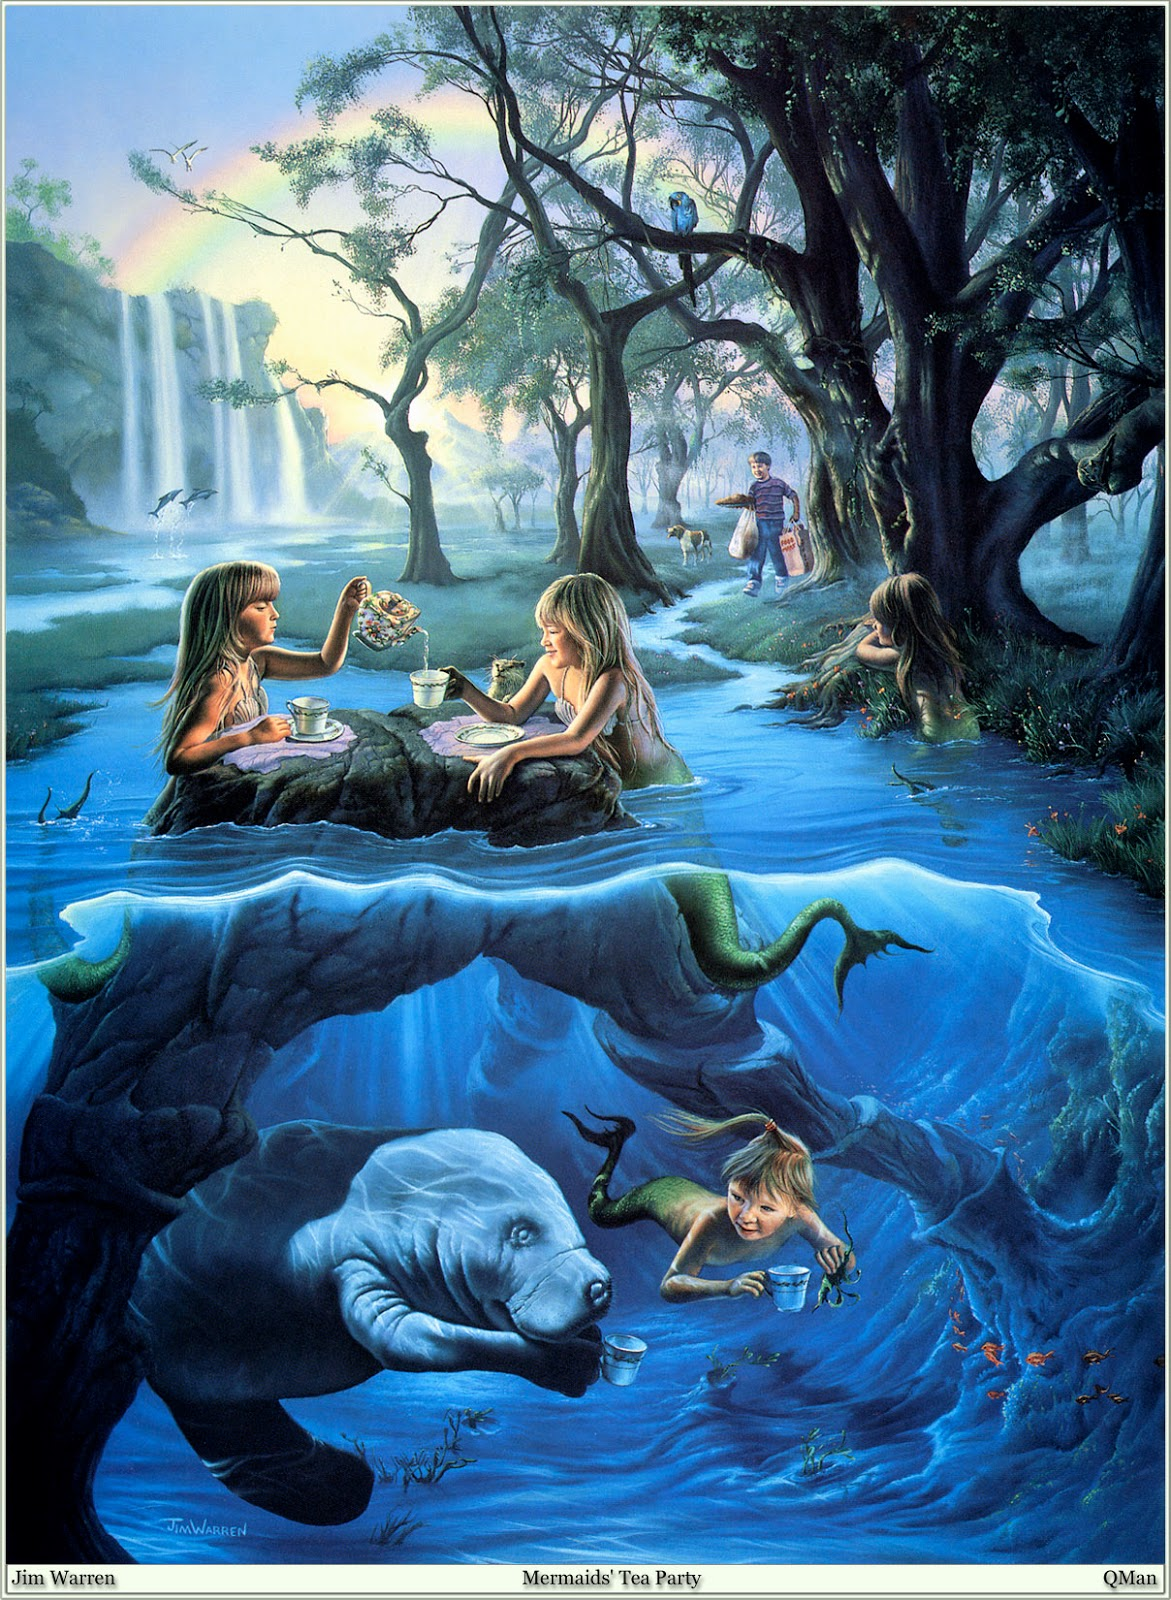 Bienvenidos al nuevo foro de apoyo a Noe #232 / 07.03.15 ~ 10.03.15 - Página 40 Imagenes-dibujos-e-ilustraciones-de-sirenas-en-el-mar-fantasticas-fantasy-mermaids+(13)